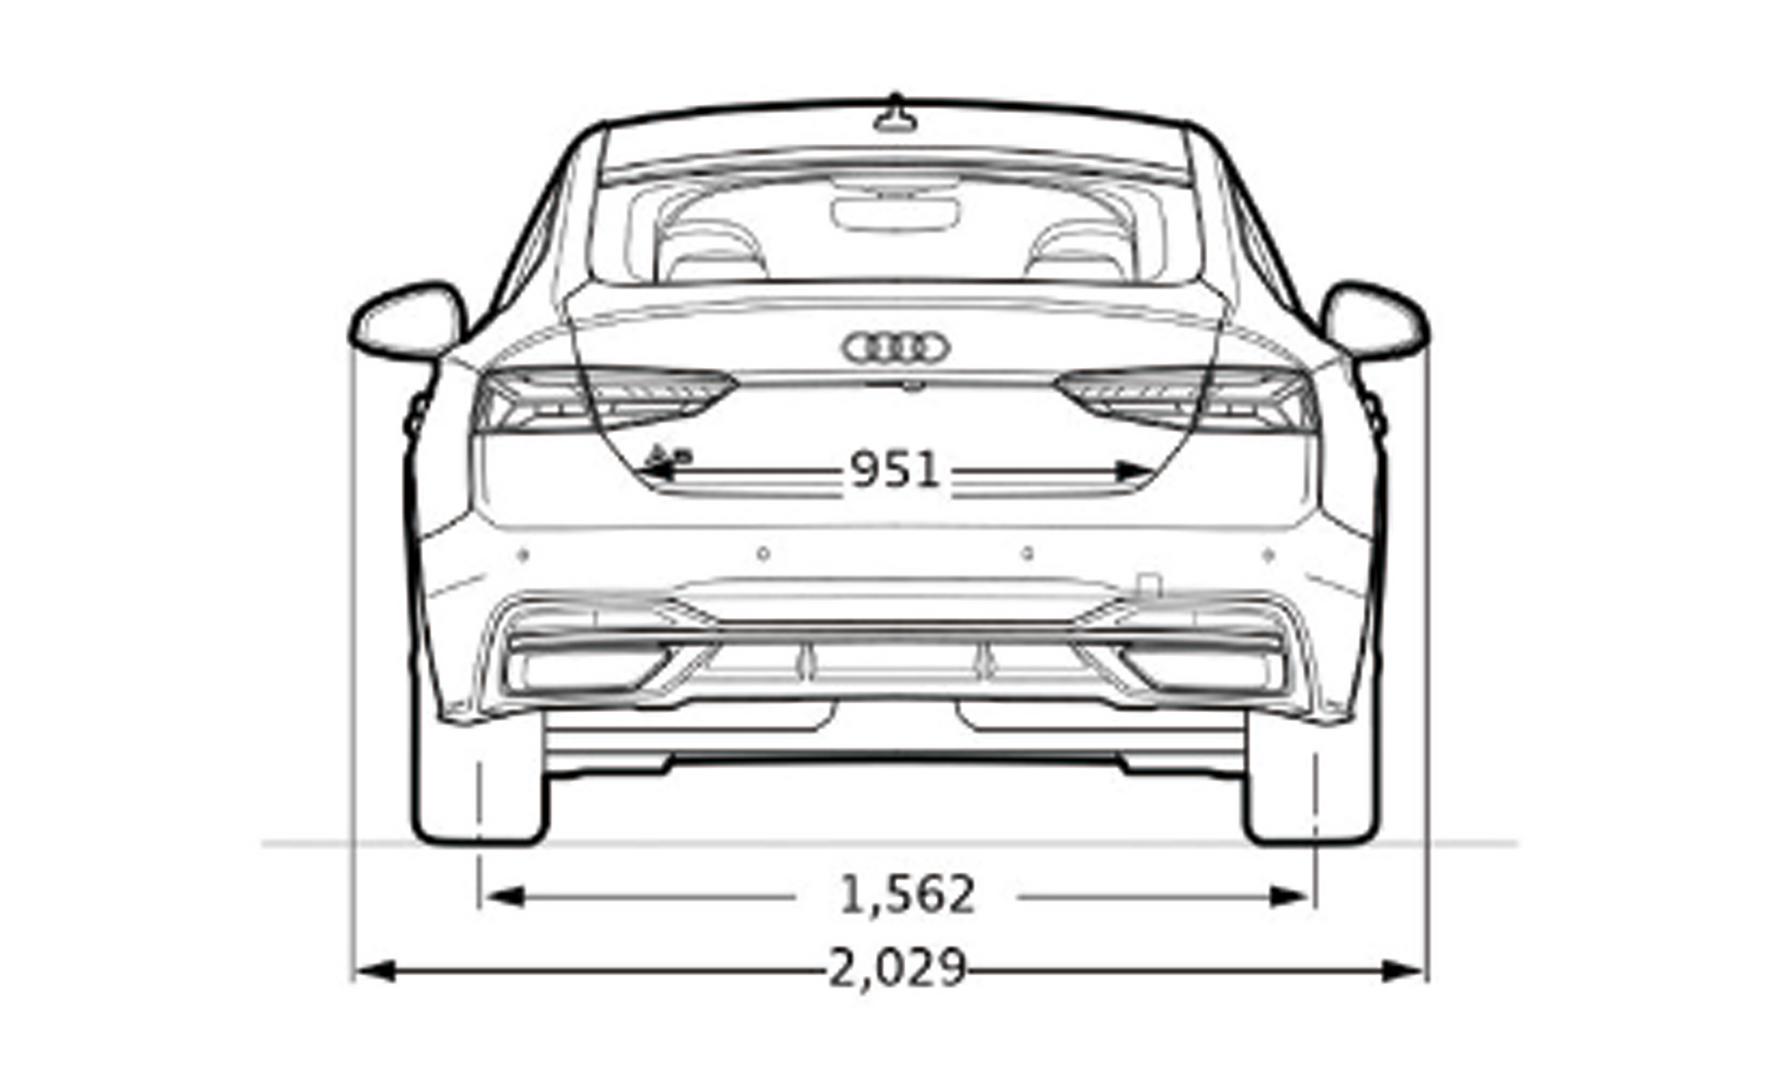 A5 rear